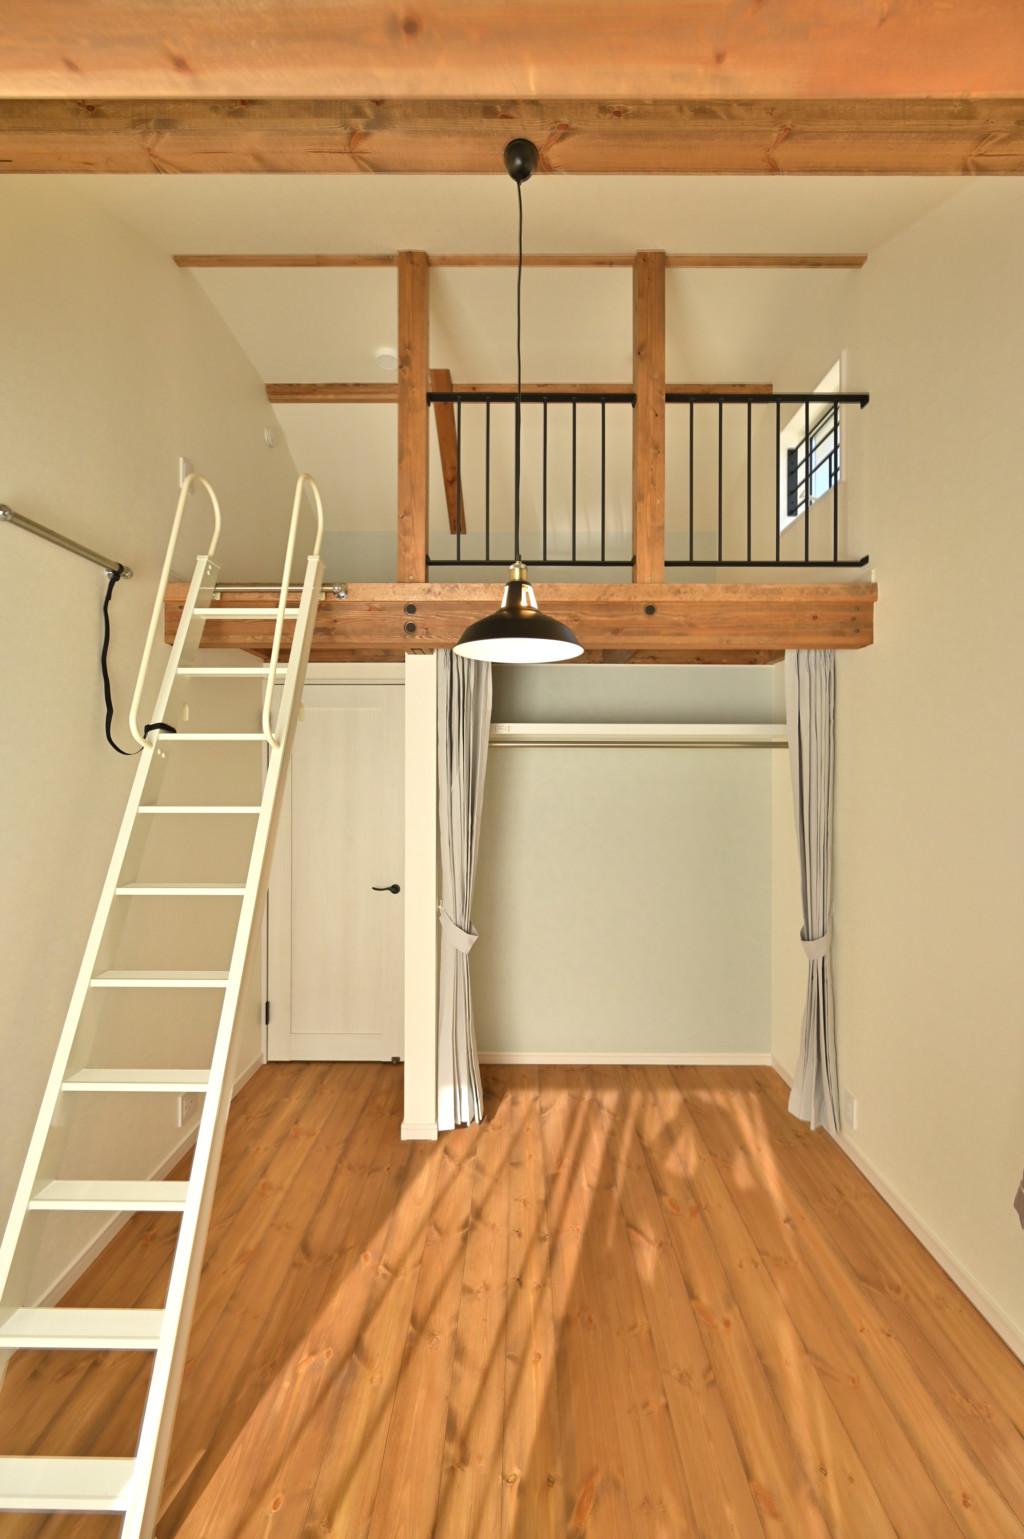 ロフトがあるオシャレなデザインの家の子供室写真